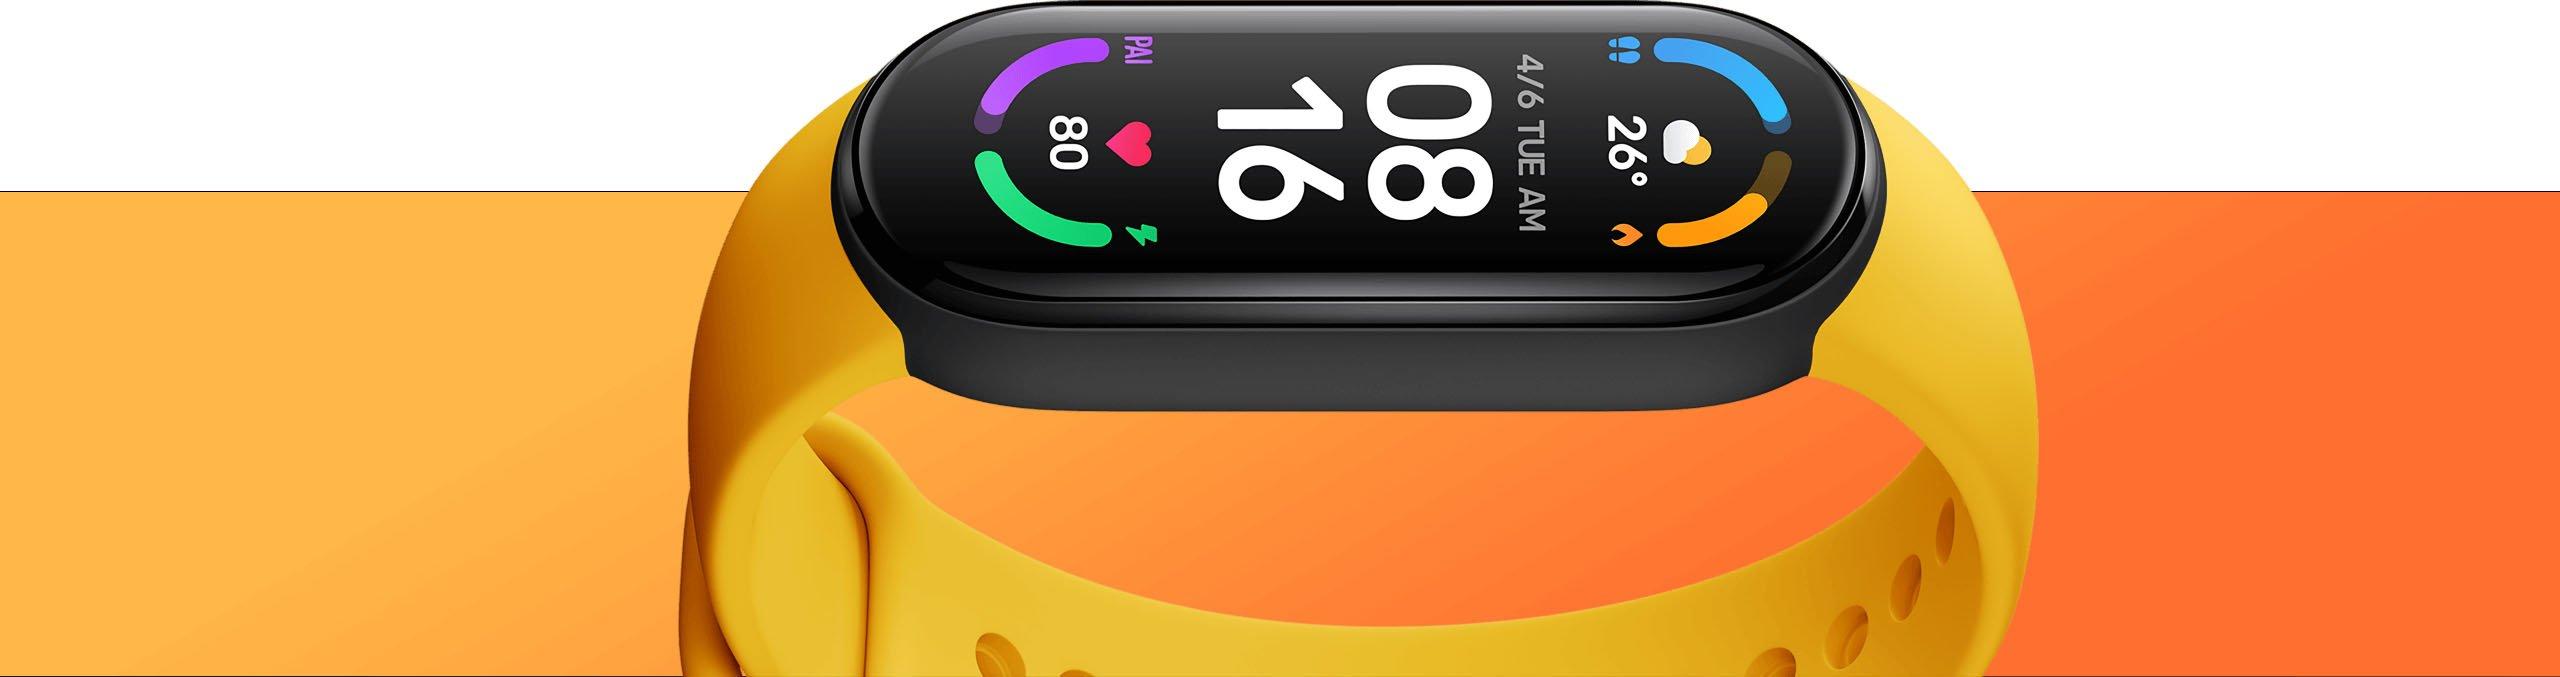 Mi Band 6: تحقق من النطاق الذكي لـ Xiaomi مع شاشة أكبر والعديد من الميزات 2